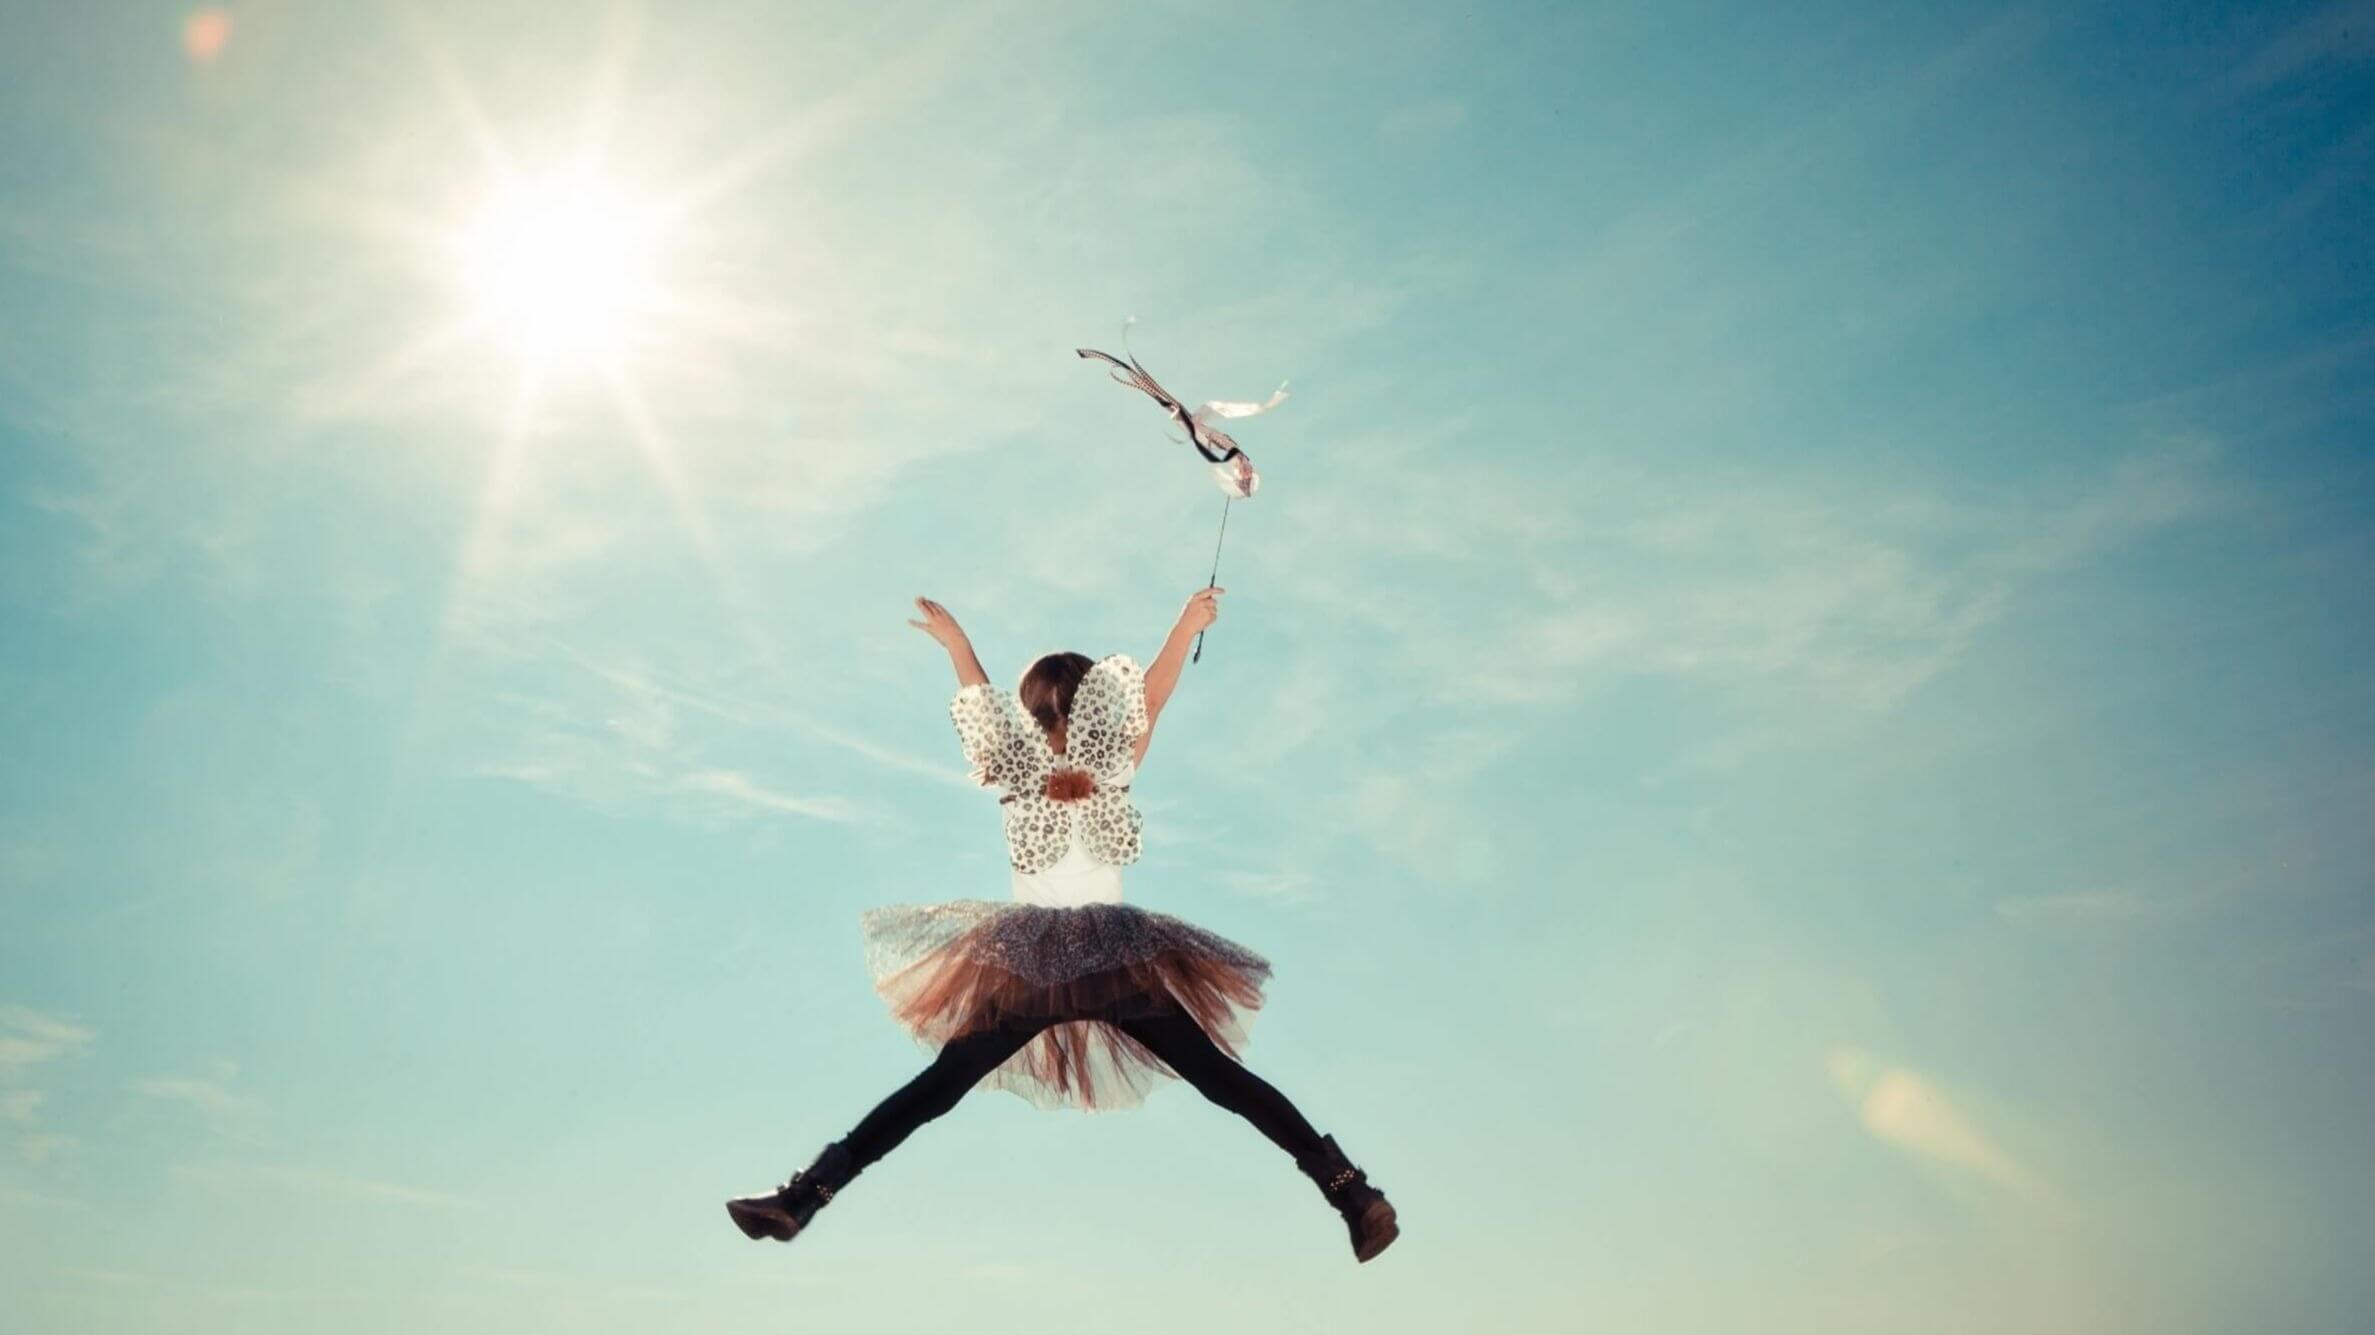 Crianças: Como facilitar para que encontrem seu propósito quando adultas?